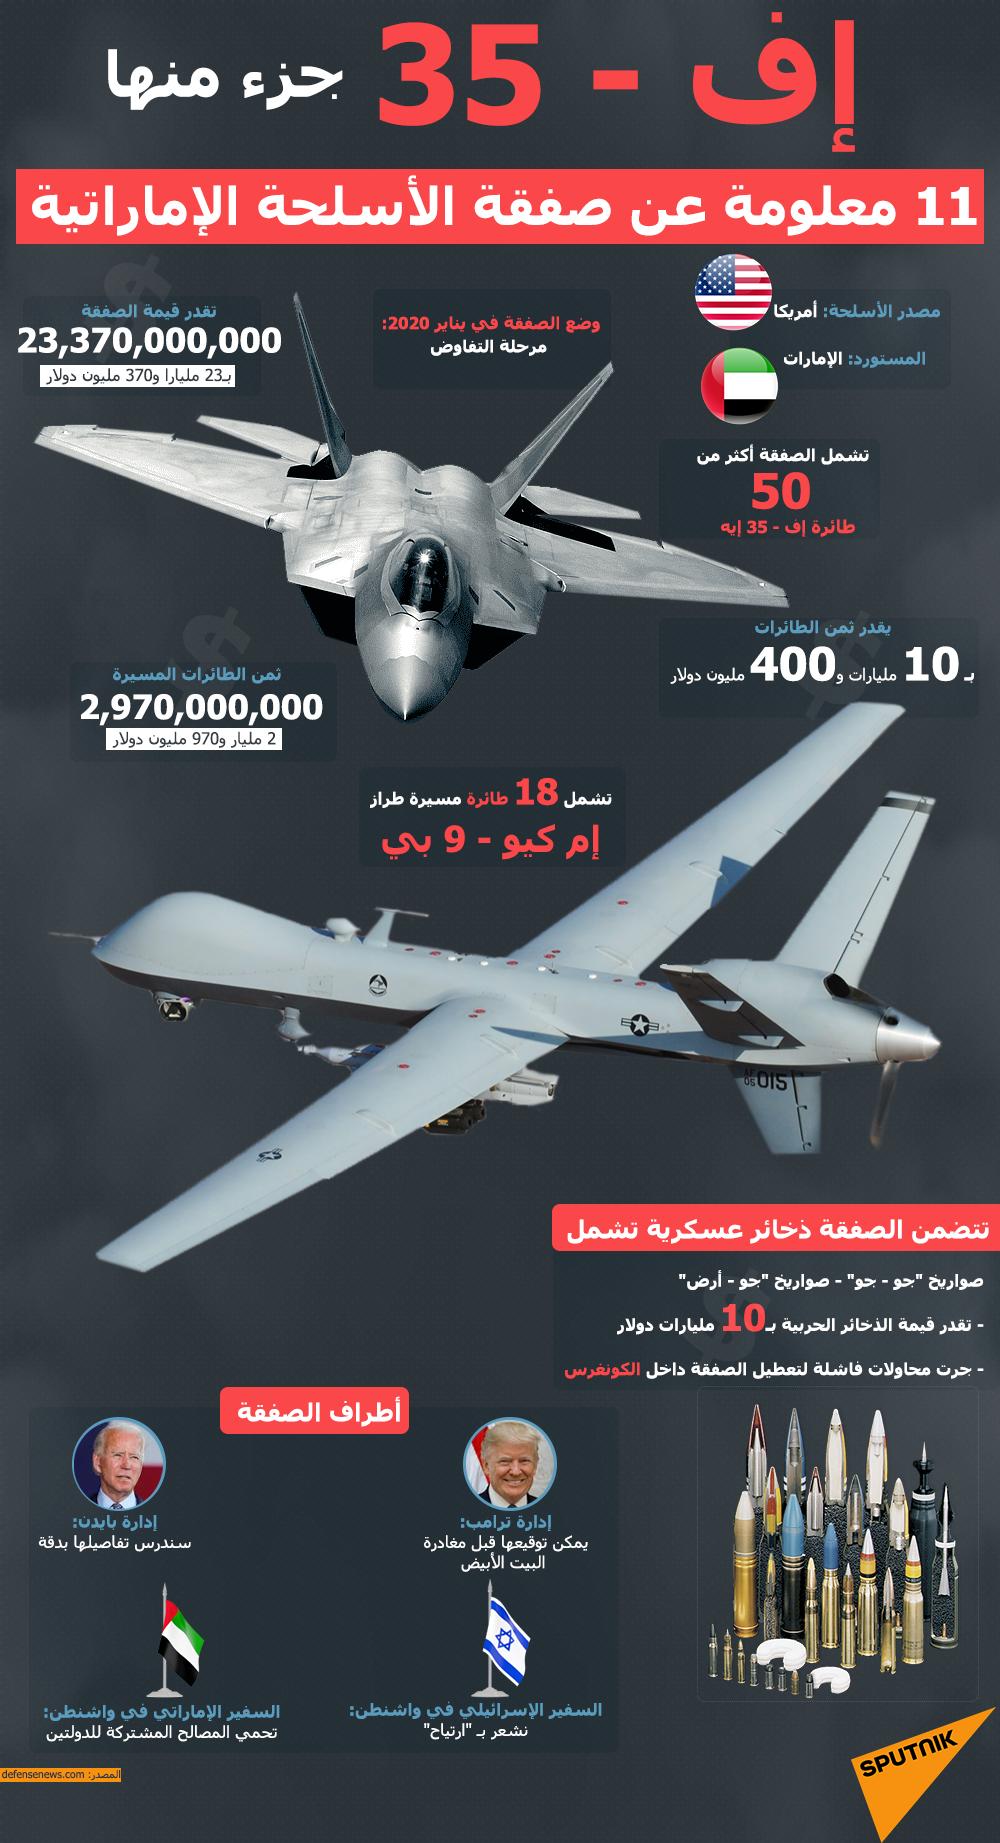 إف - 35 جزء منها… 11 معلومة عن صفقة الأسلحة الإماراتية